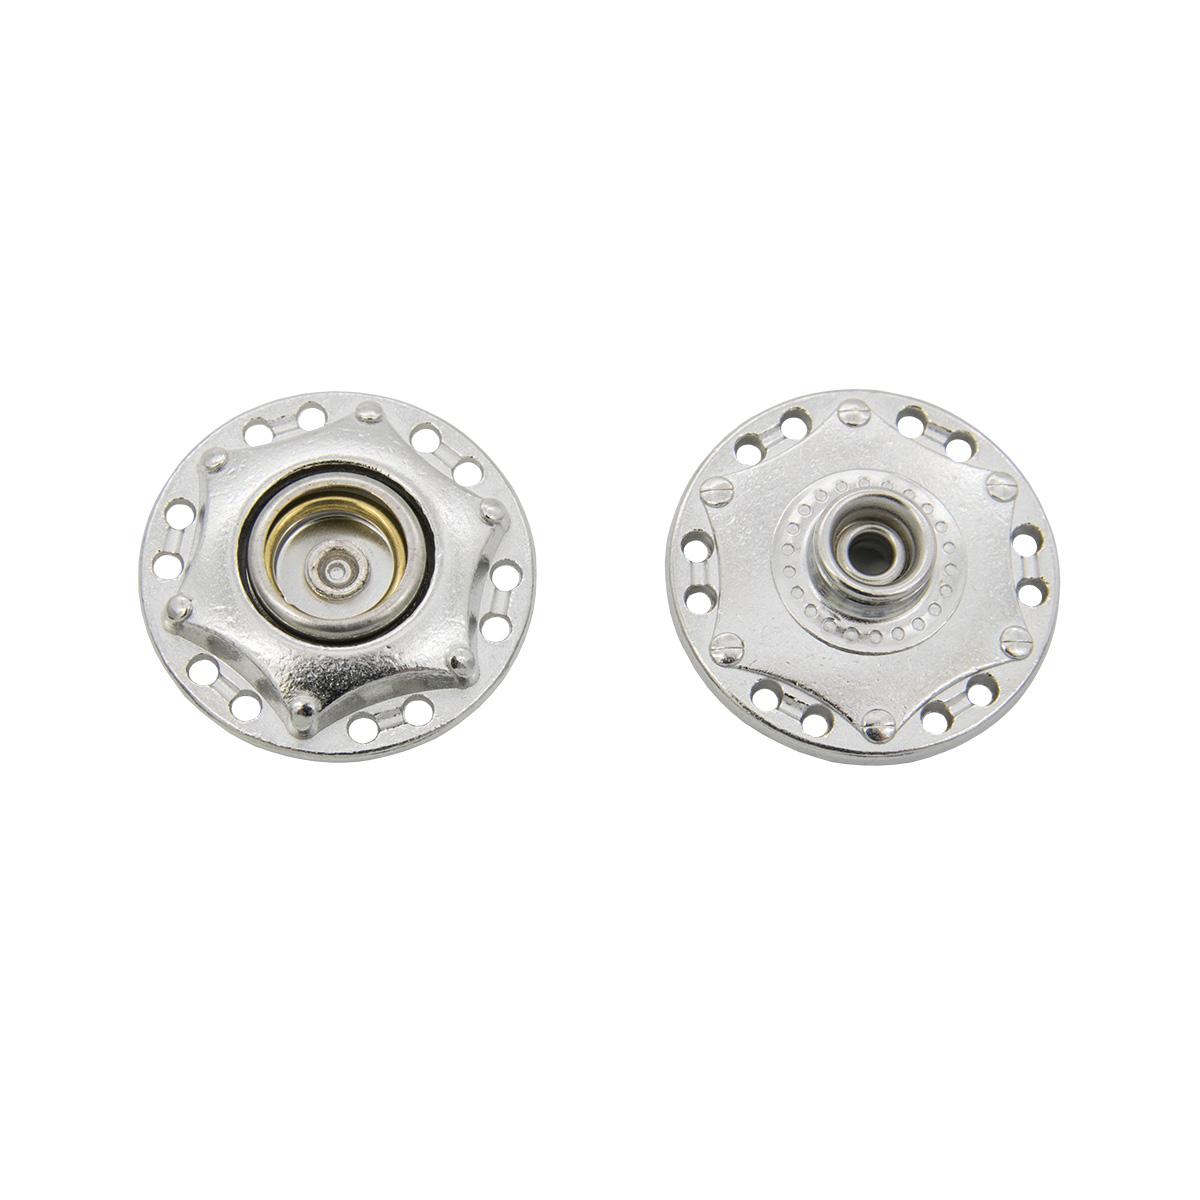 Кнопка пришивная 63880, d=24 мм, никель, упаковка 4 шт., Hobby&Pro